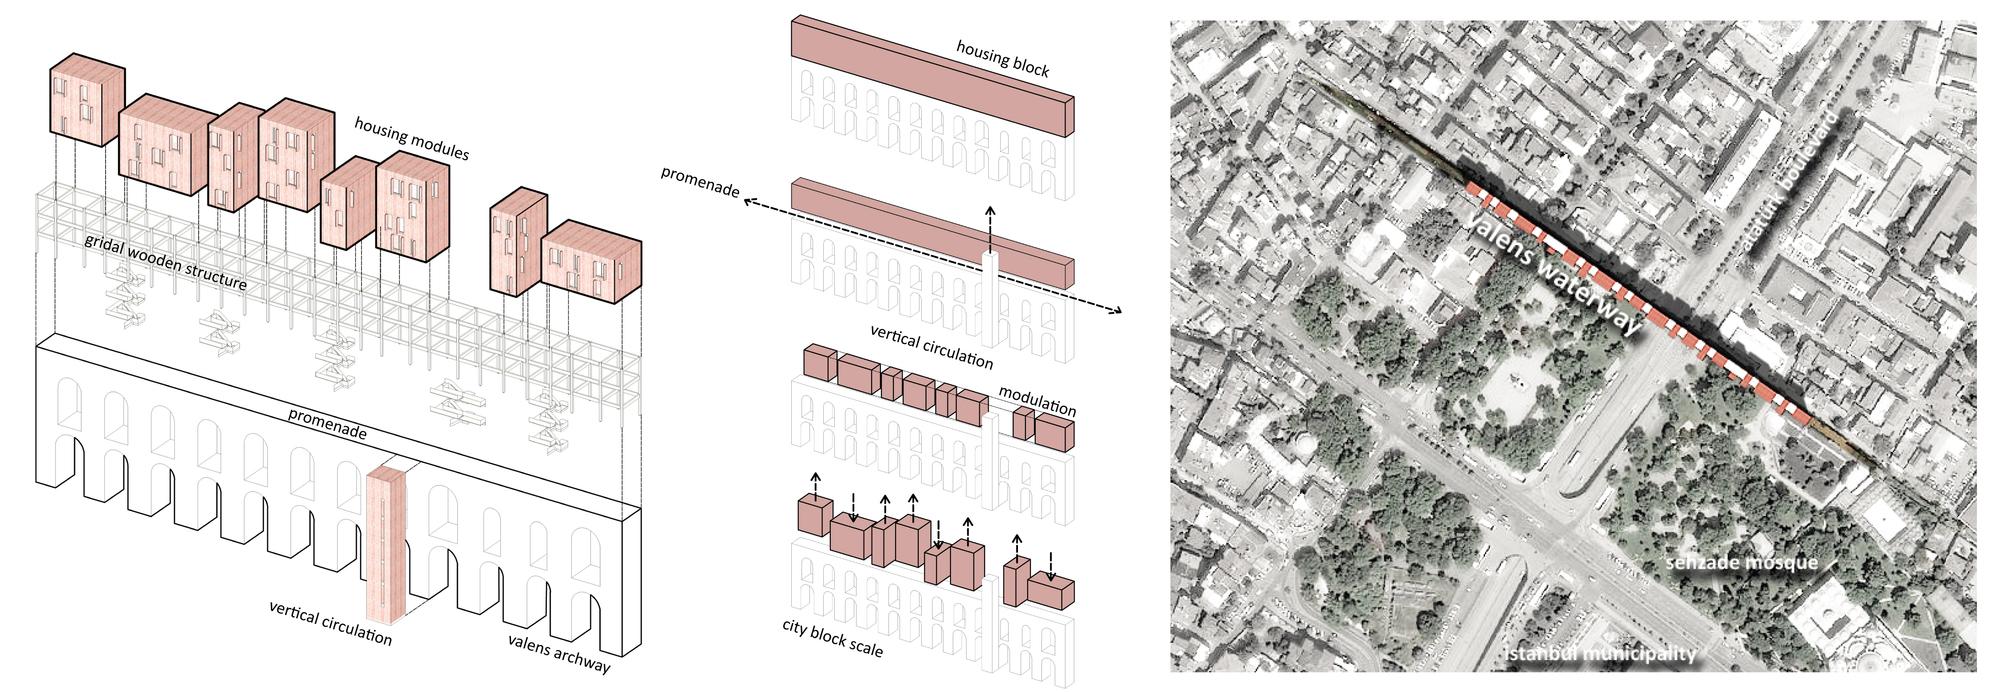 Galer a de dise o ganador propone una nueva estructura de for Diseno de interiores siglo xix